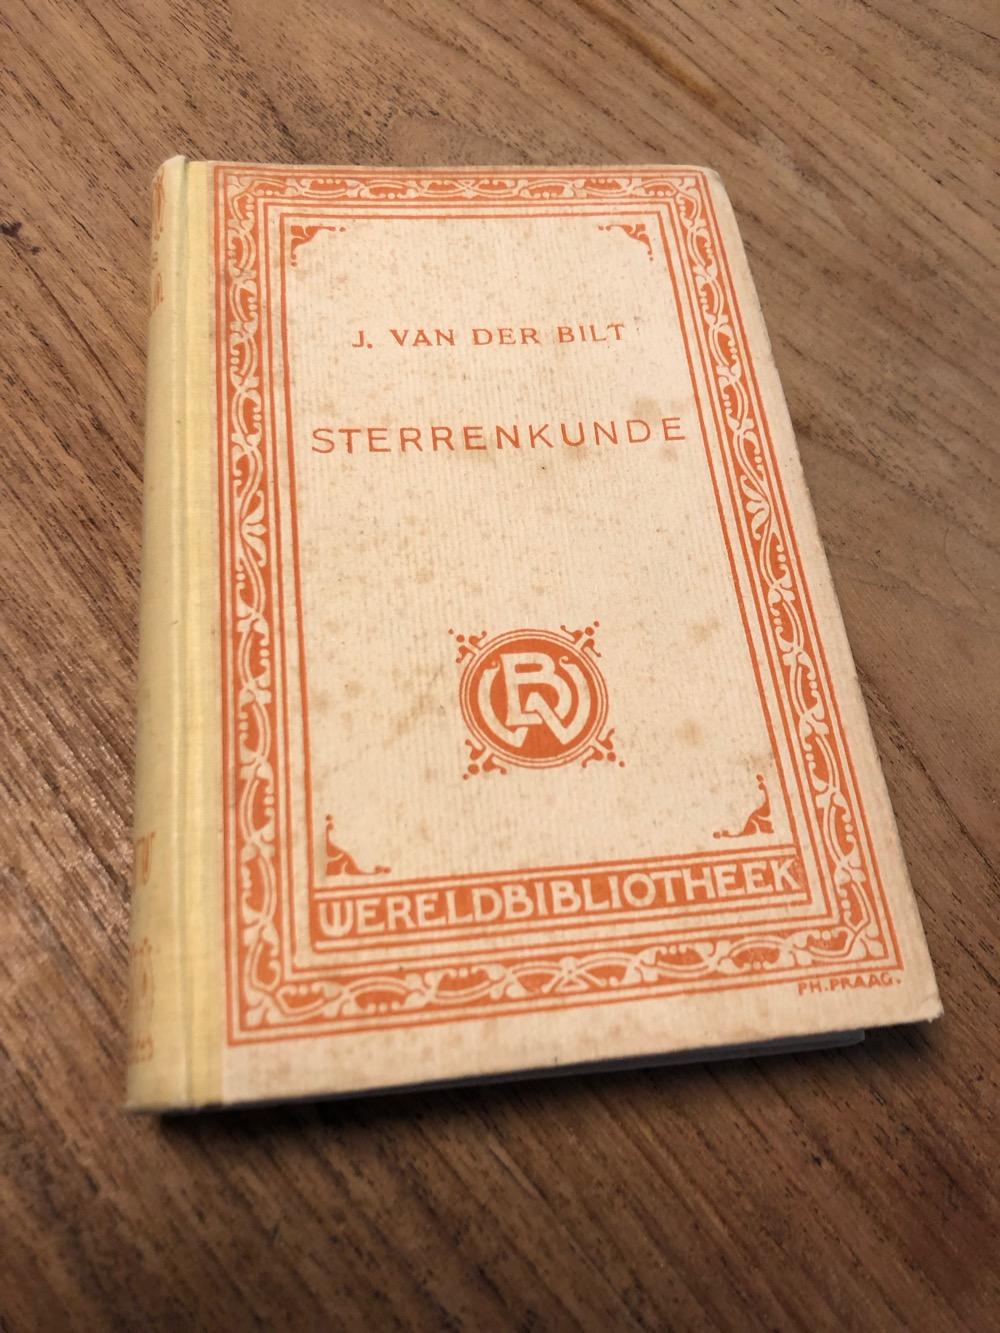 Je bekijkt nu Sterrenkunde – 1913